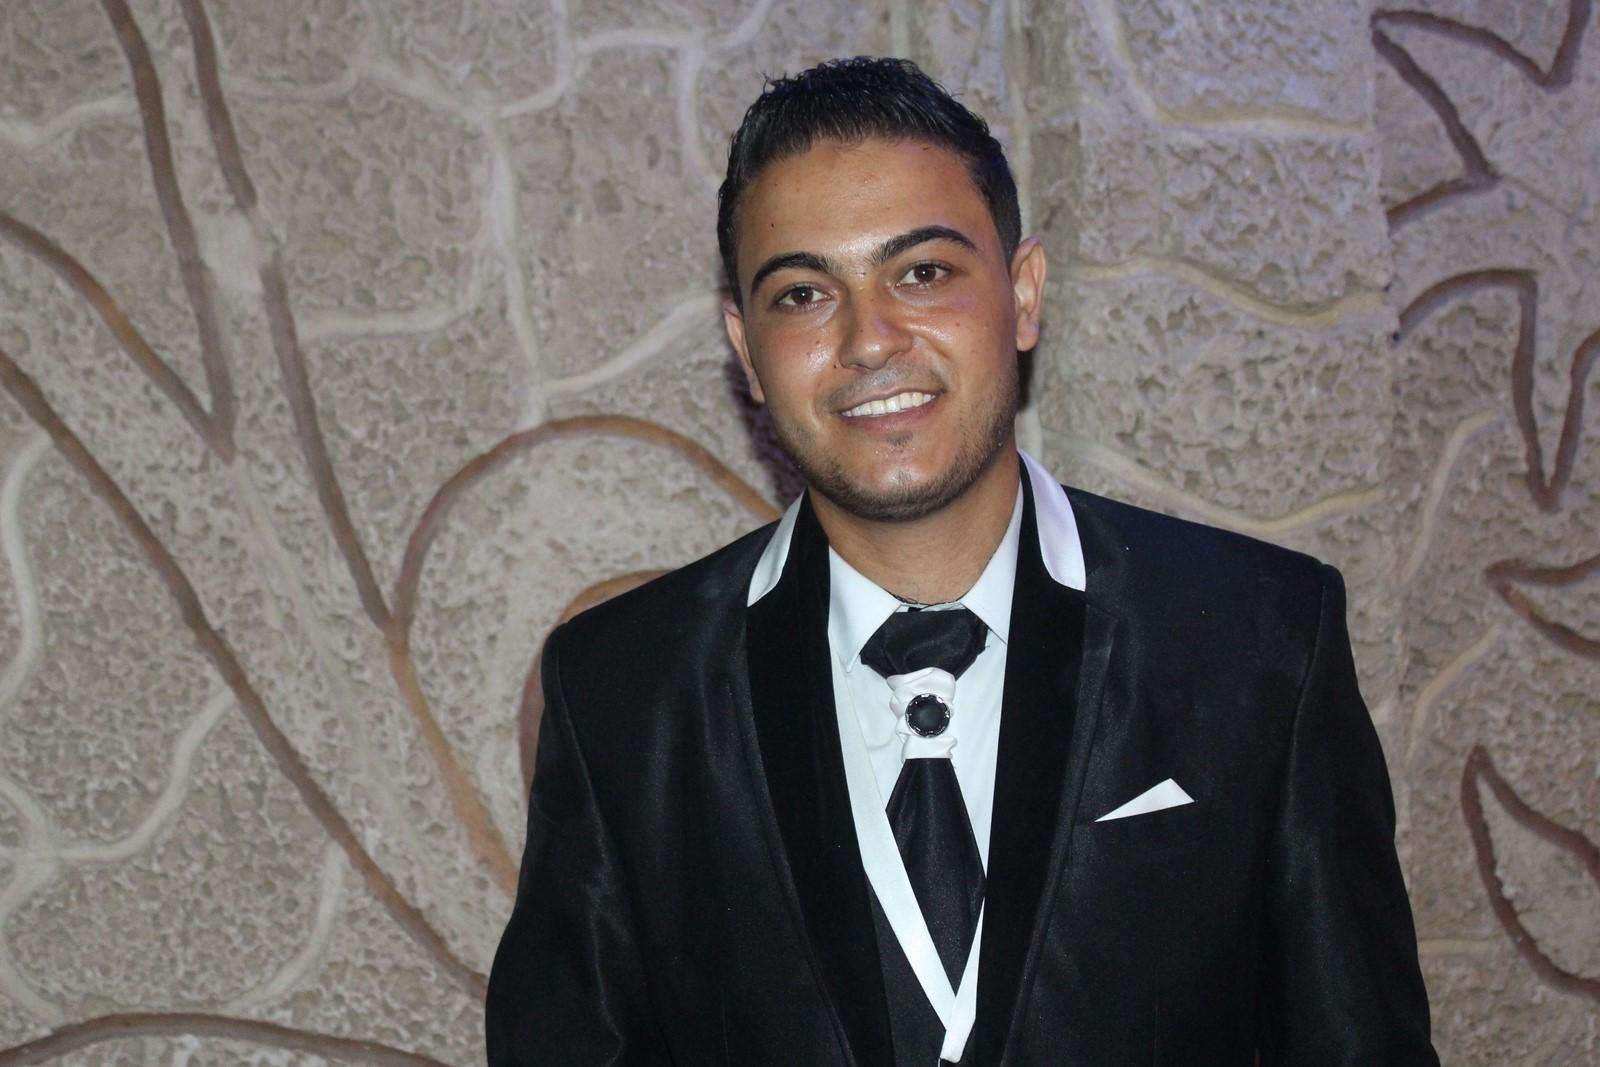 حفل زفاف الأستاذ / مازن رزق سليمان الفرا